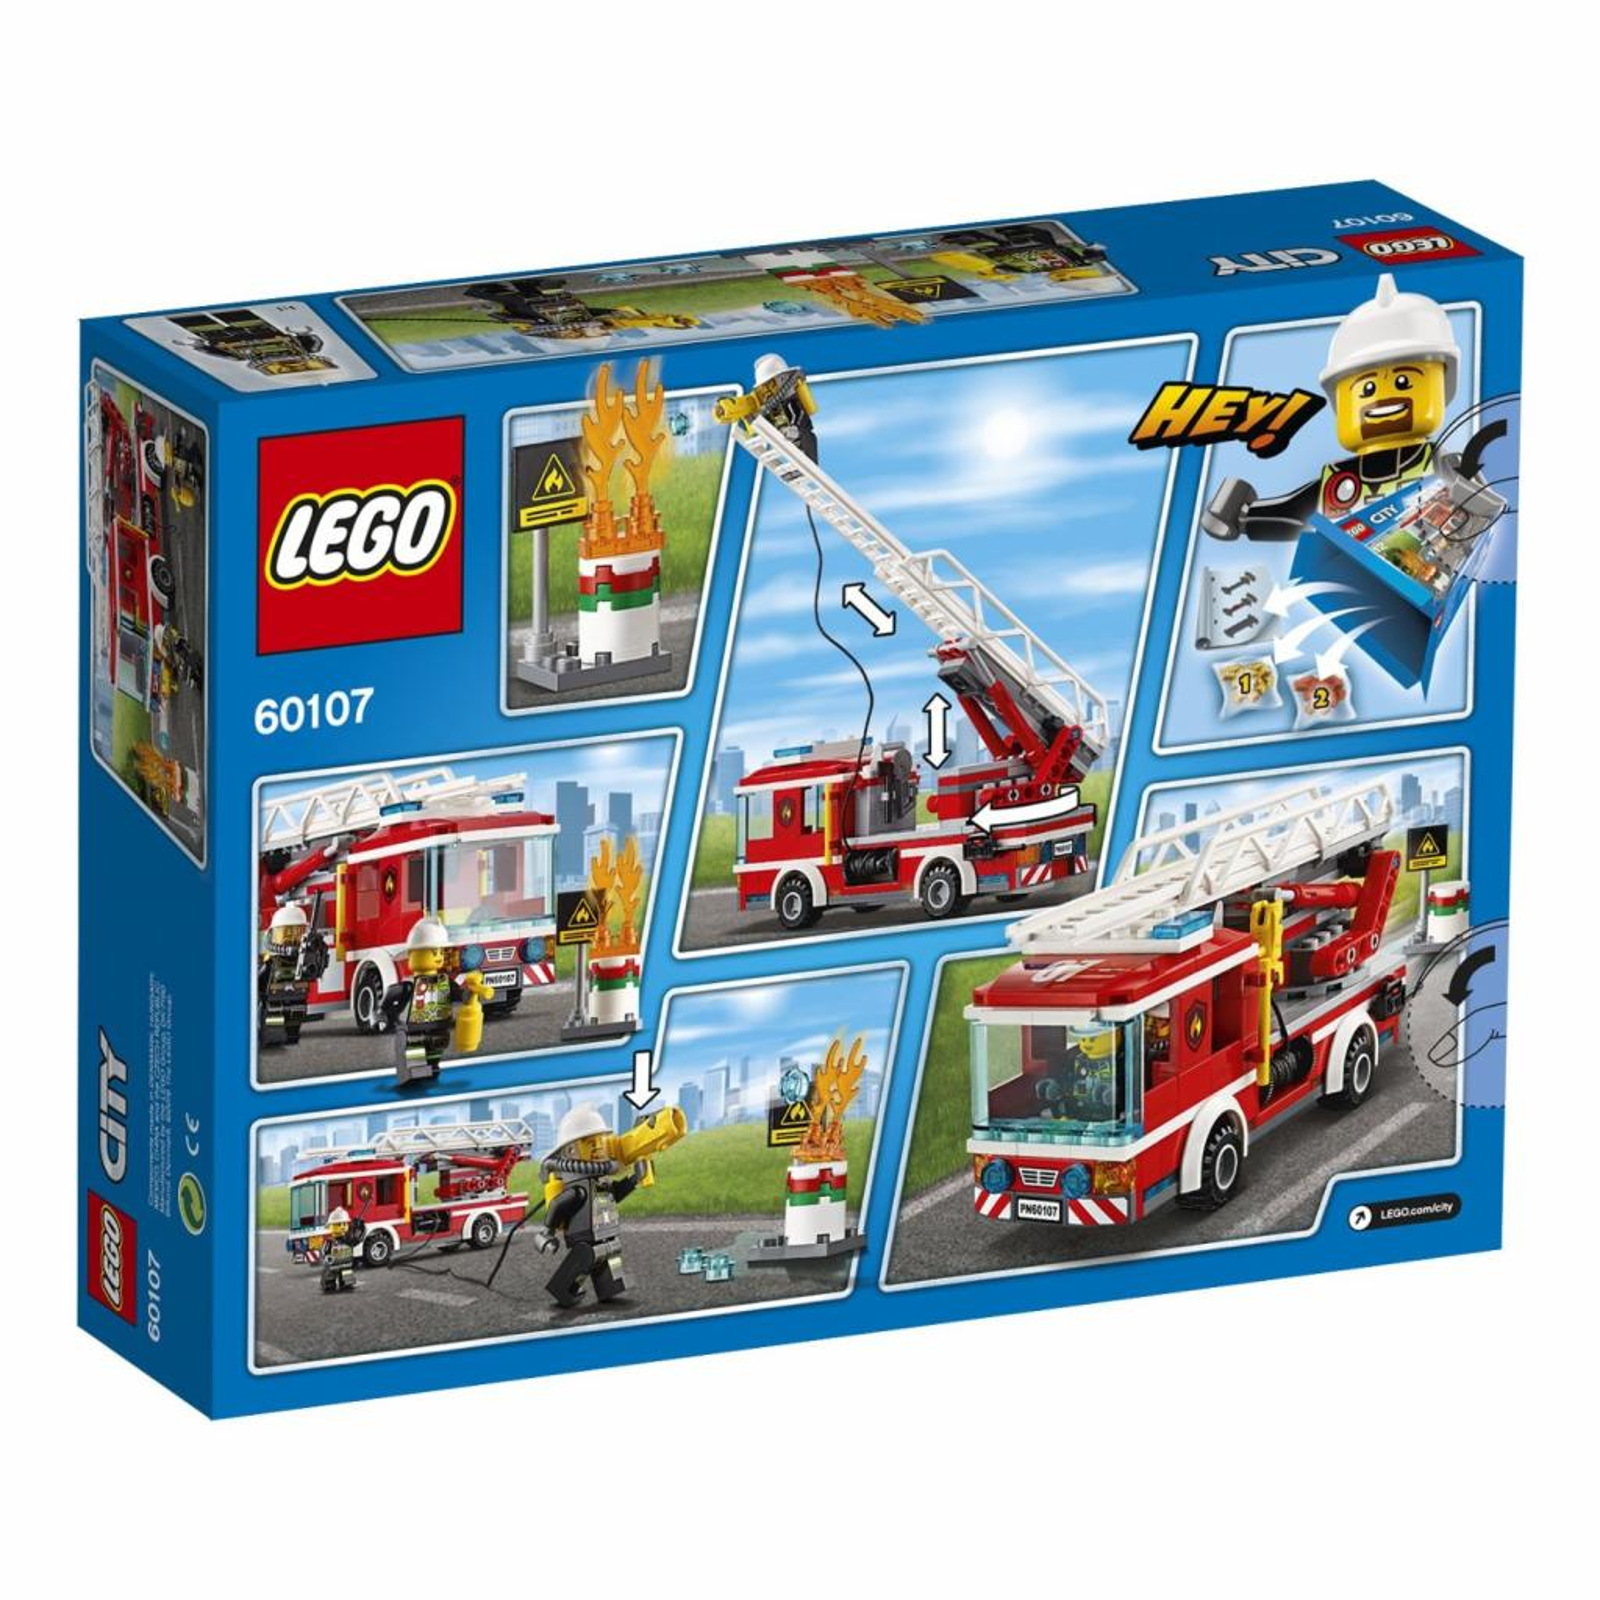 Конструктор LEGO City Fire Пожарный автомобиль с лестницей (60107) изображение 9